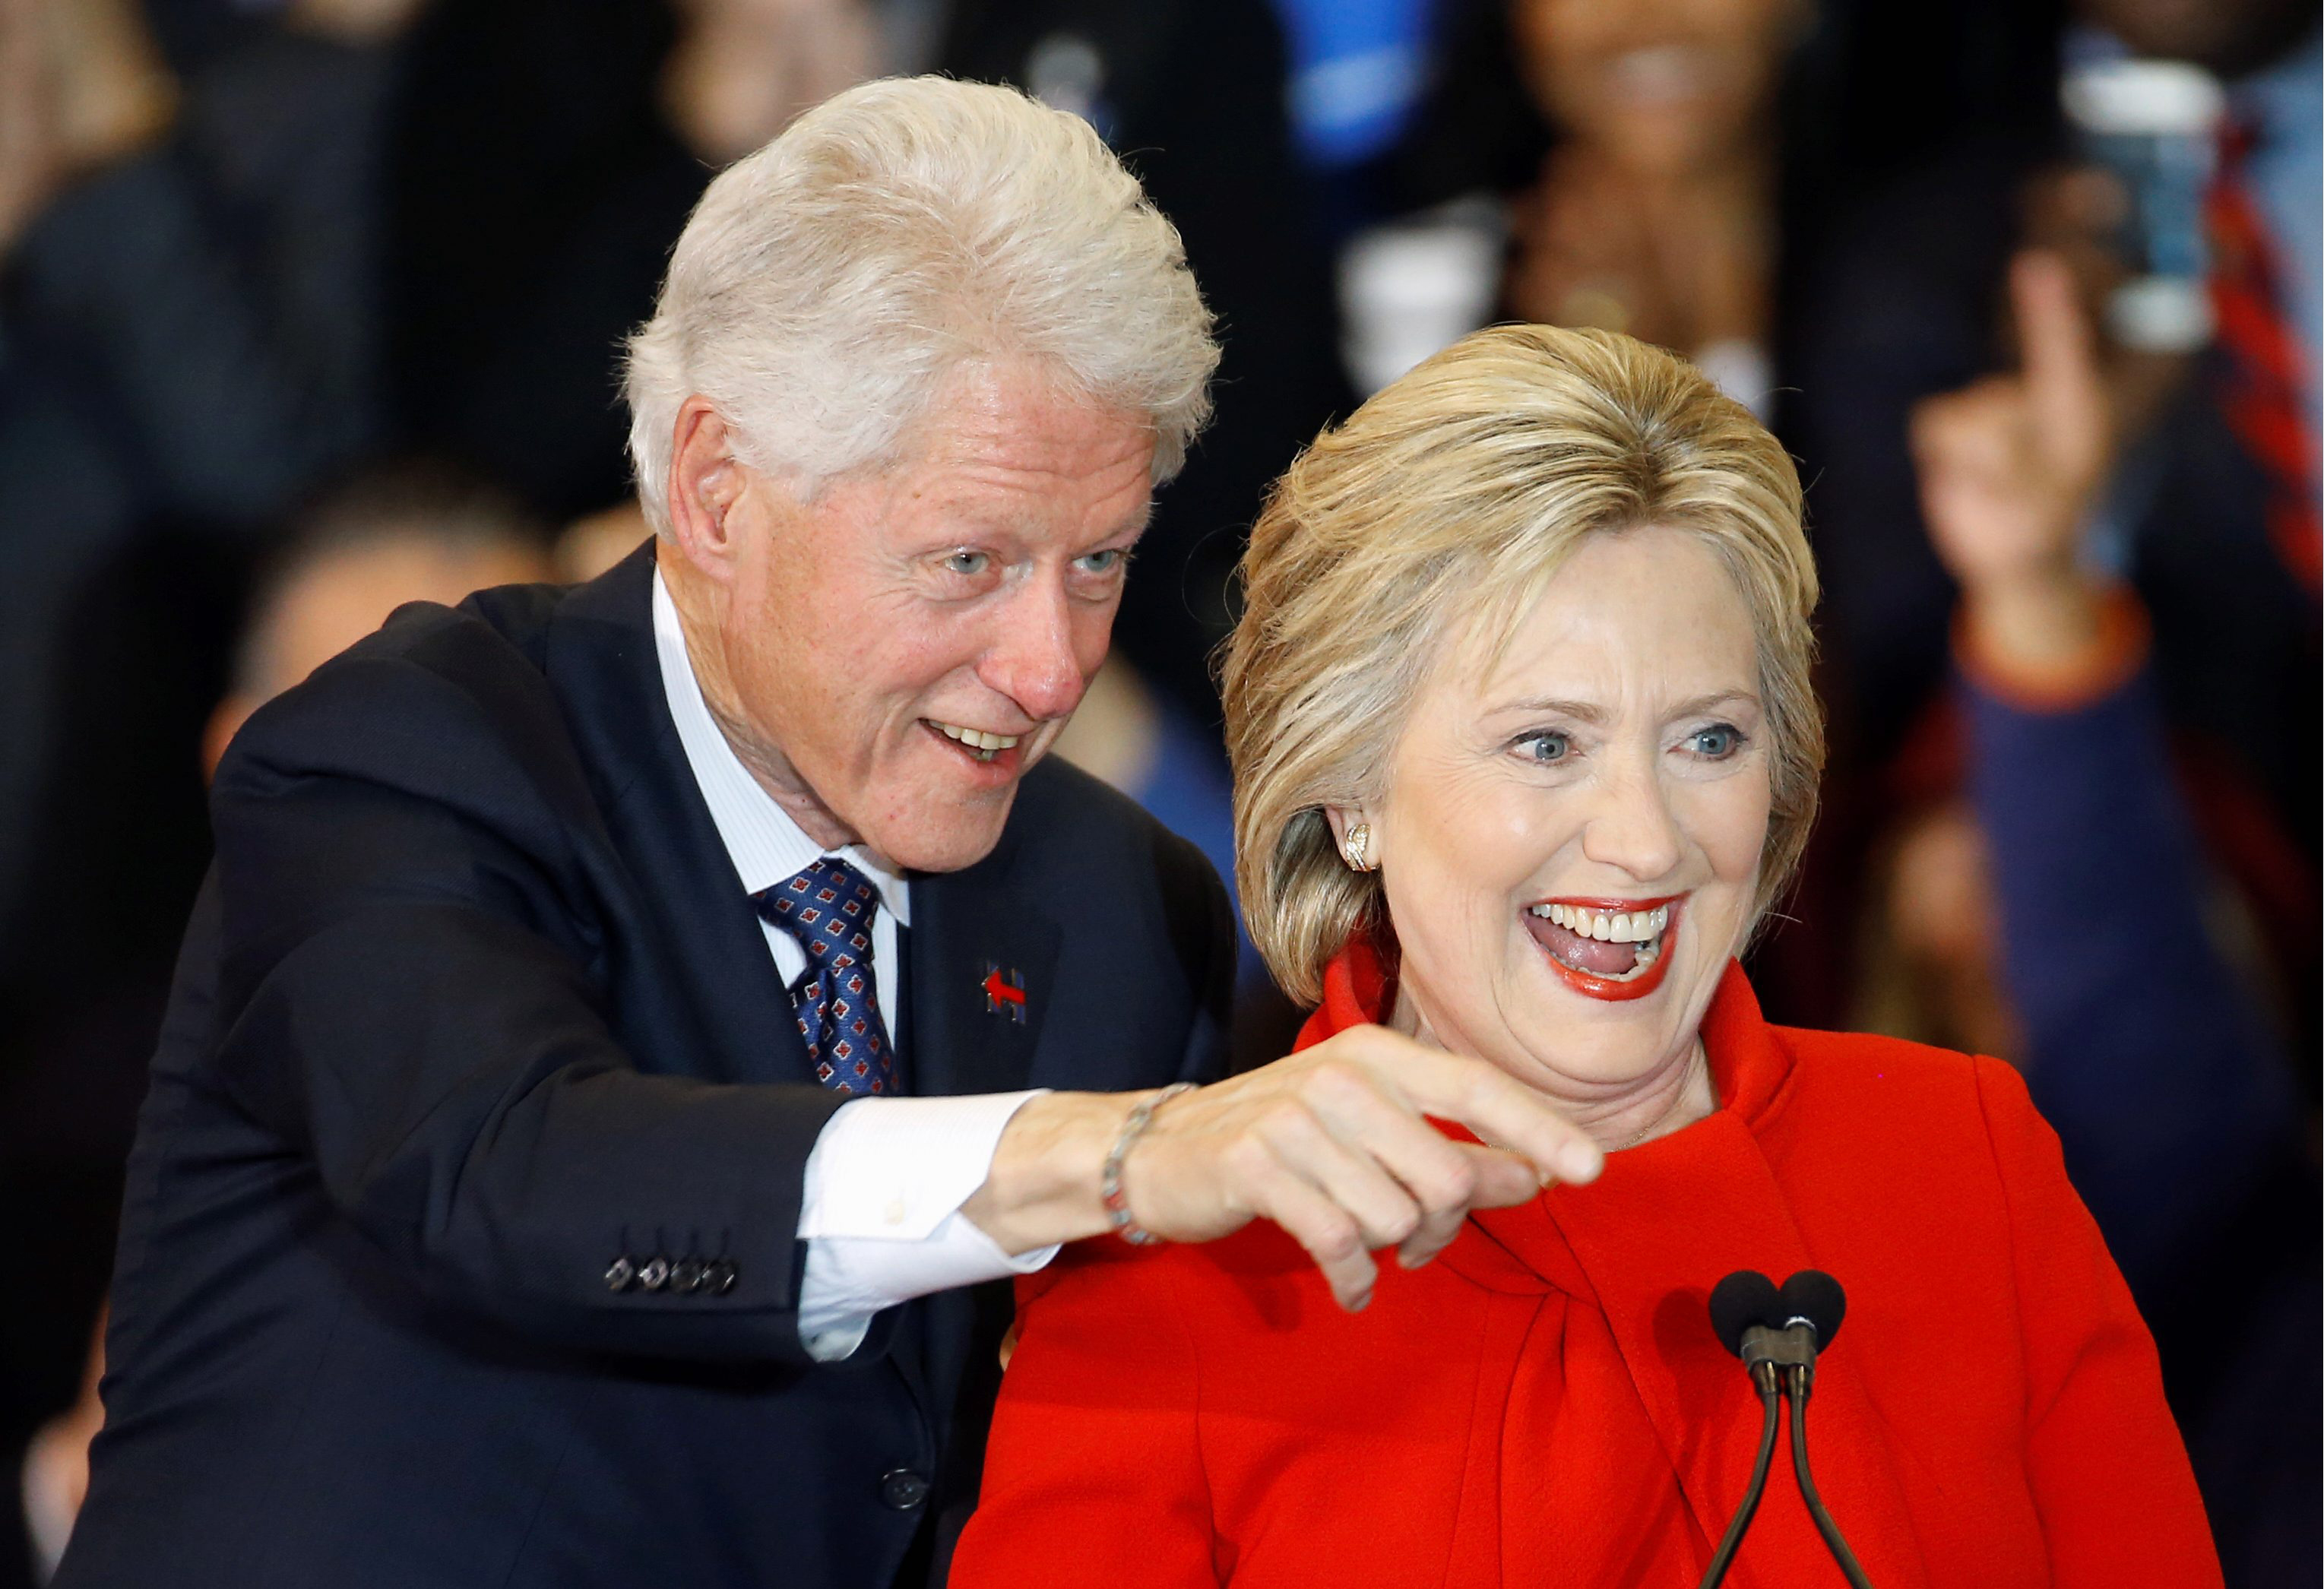 Οι επενδυτές ψηφίζουν Χίλαρυ λόγω... Μπιλ